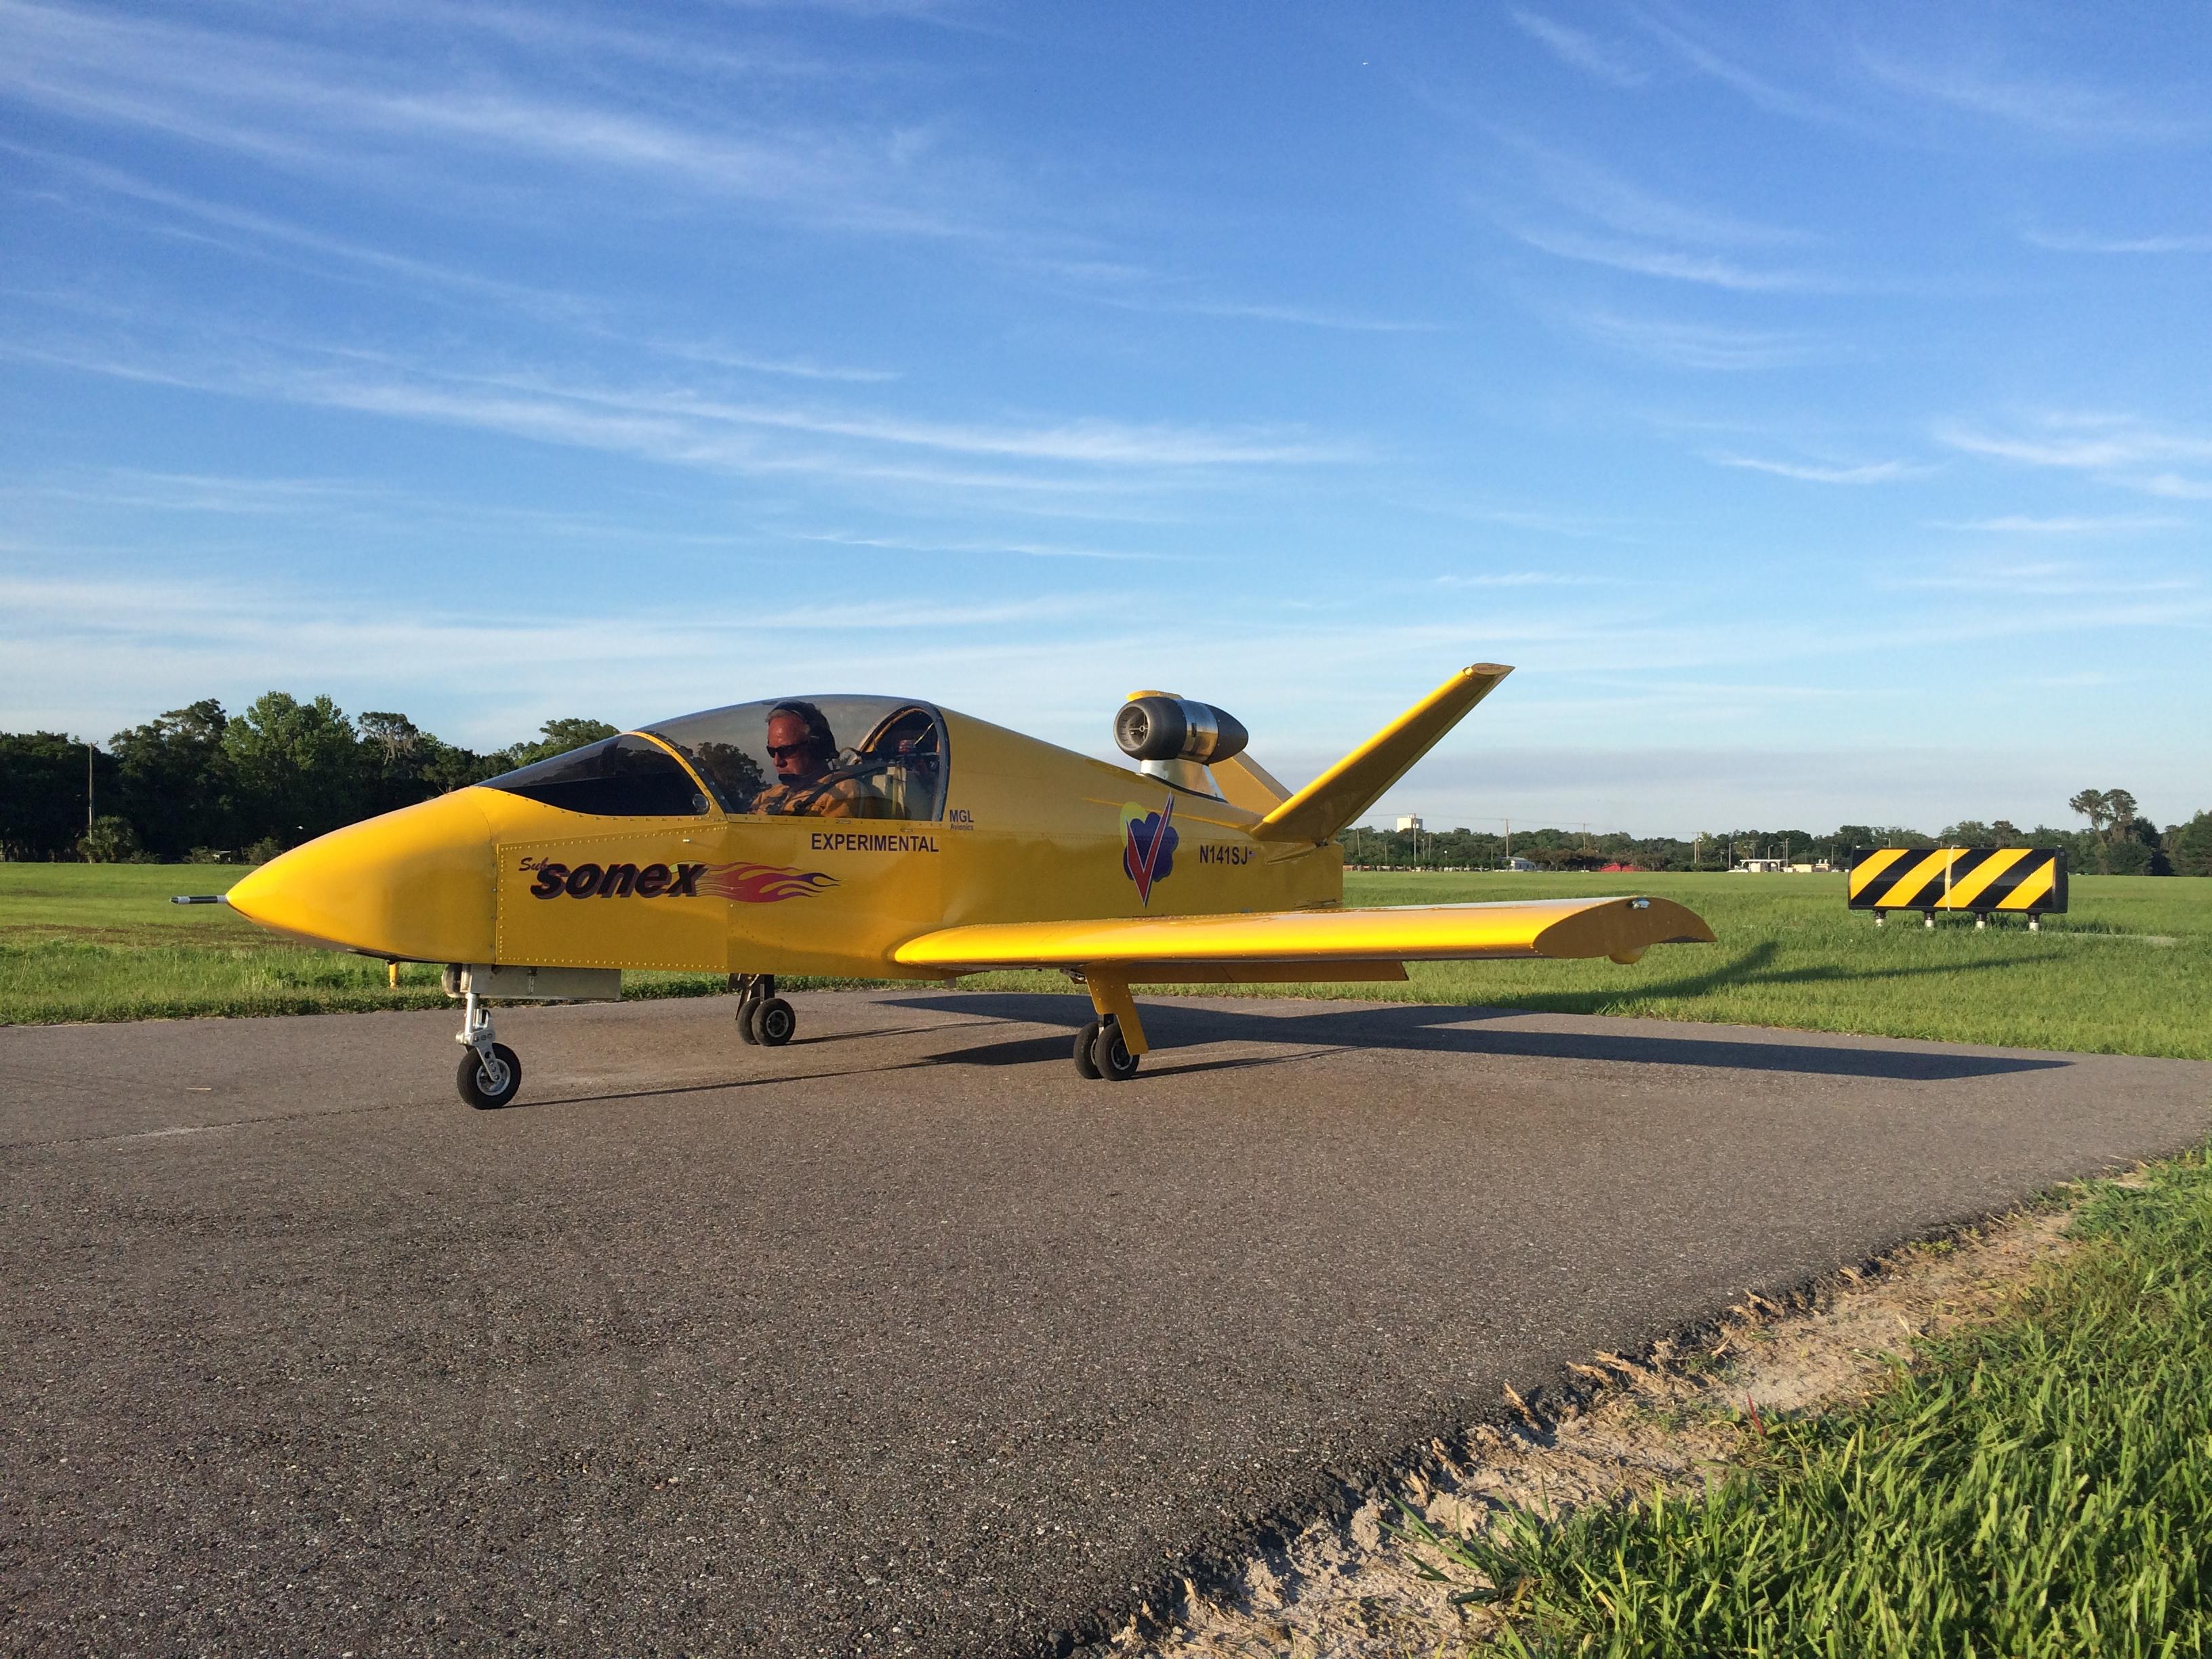 The Subsonex Kit Sonex Aircraft Air Craft Warning Light Circuit Jsx 2